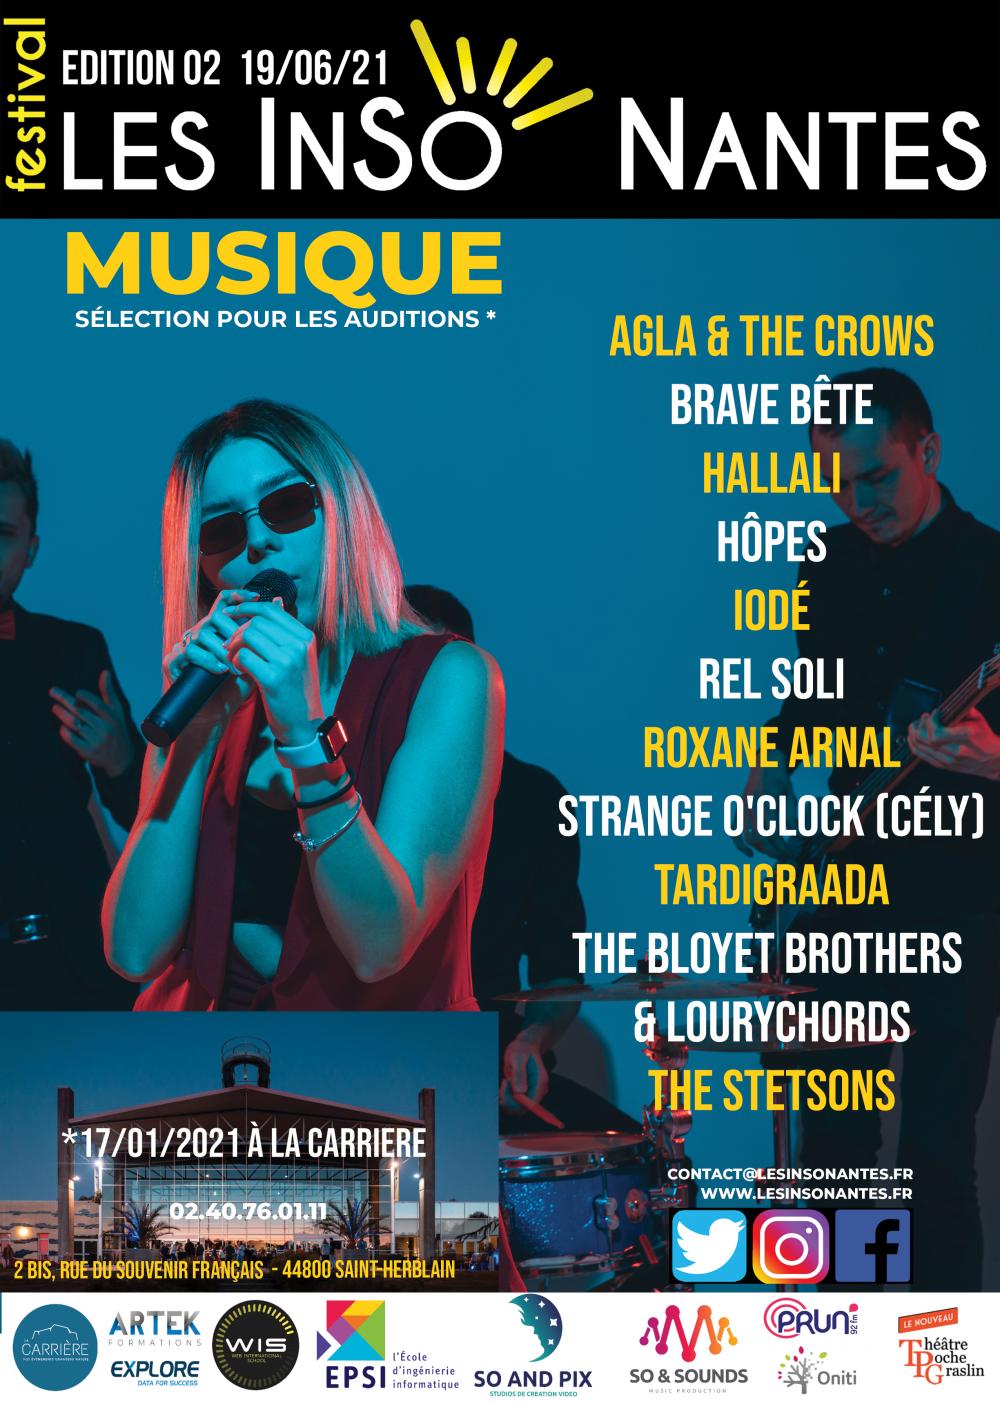 AUDITIONS LESINSONANTES CATÉGORIE MUSIQUE GROUPES (Edition 2 - 19/06/2021 )